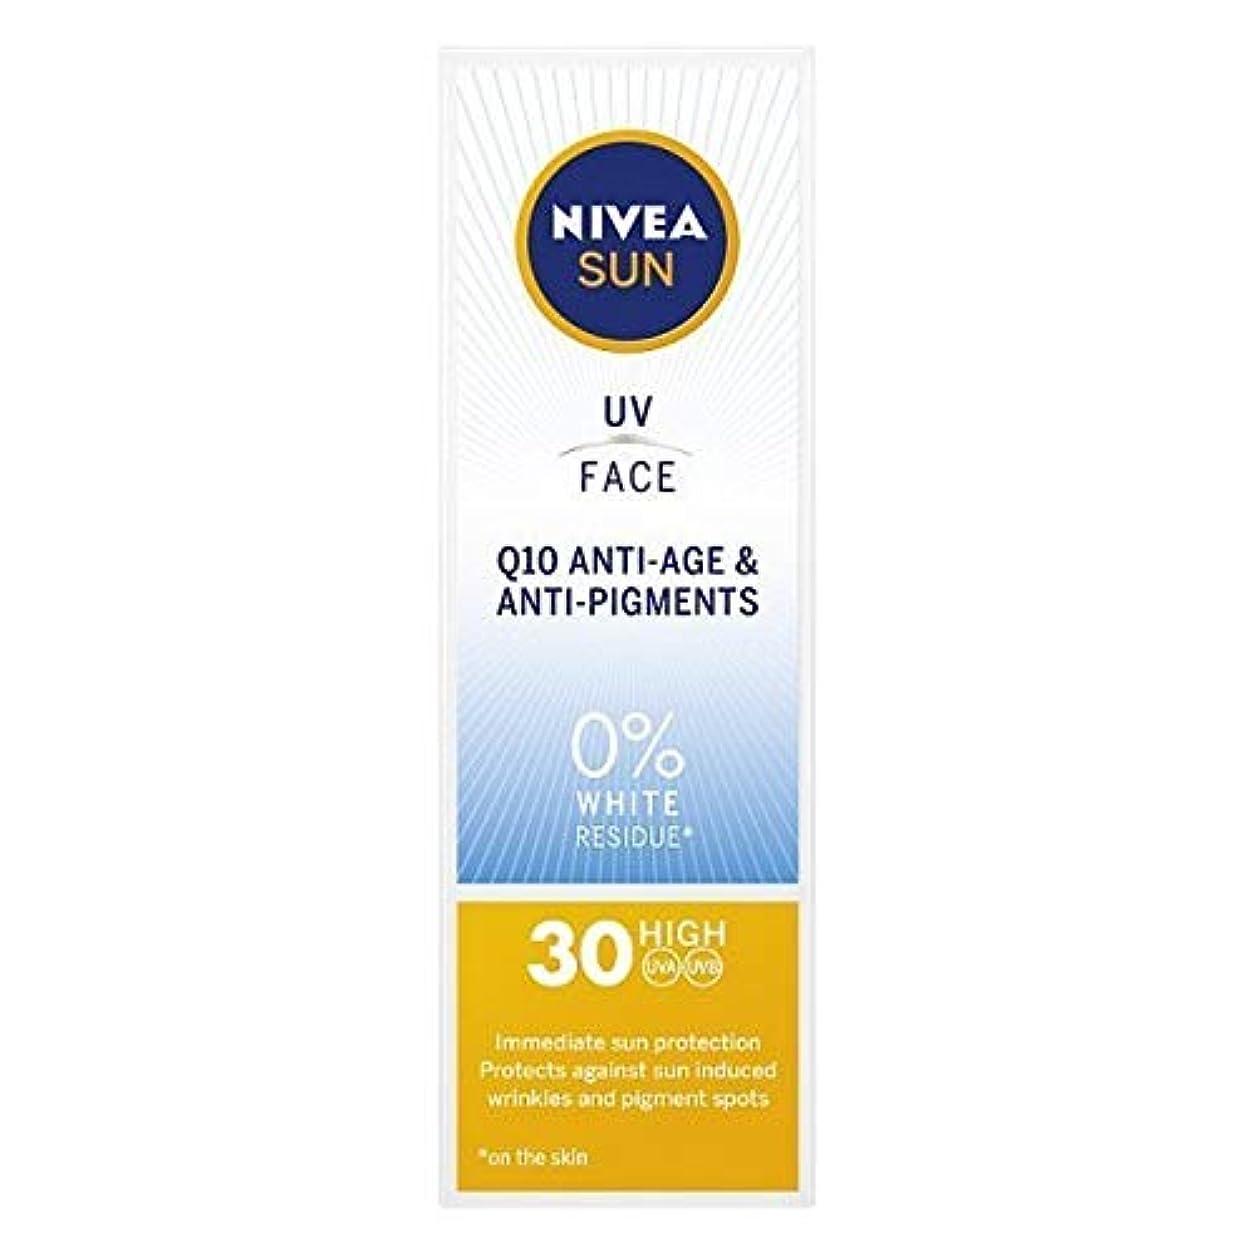 呼び出す関係ないテープ[Nivea ] ニベアサンUvフェイスSpf 30 Q10抗加齢&抗顔料50ミリリットル - NIVEA SUN UV Face SPF 30 Q10 Anti-Age & Anti-Pigments 50ml [並行輸入品]